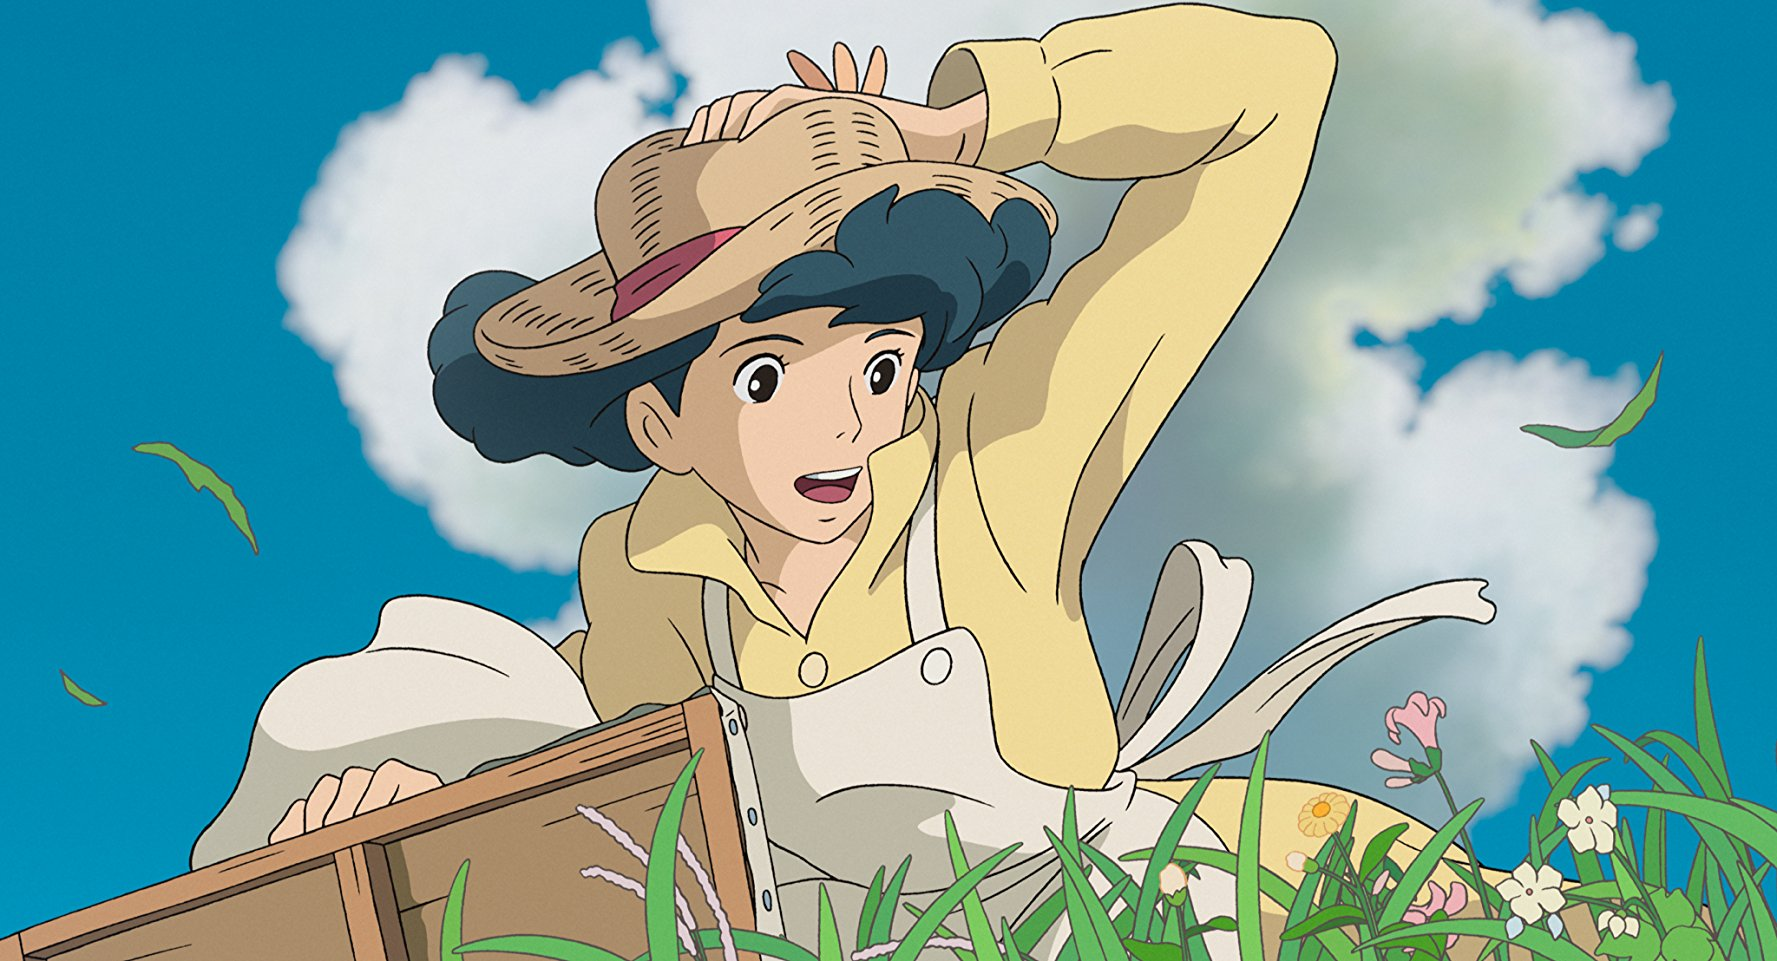 Naoko Satomi